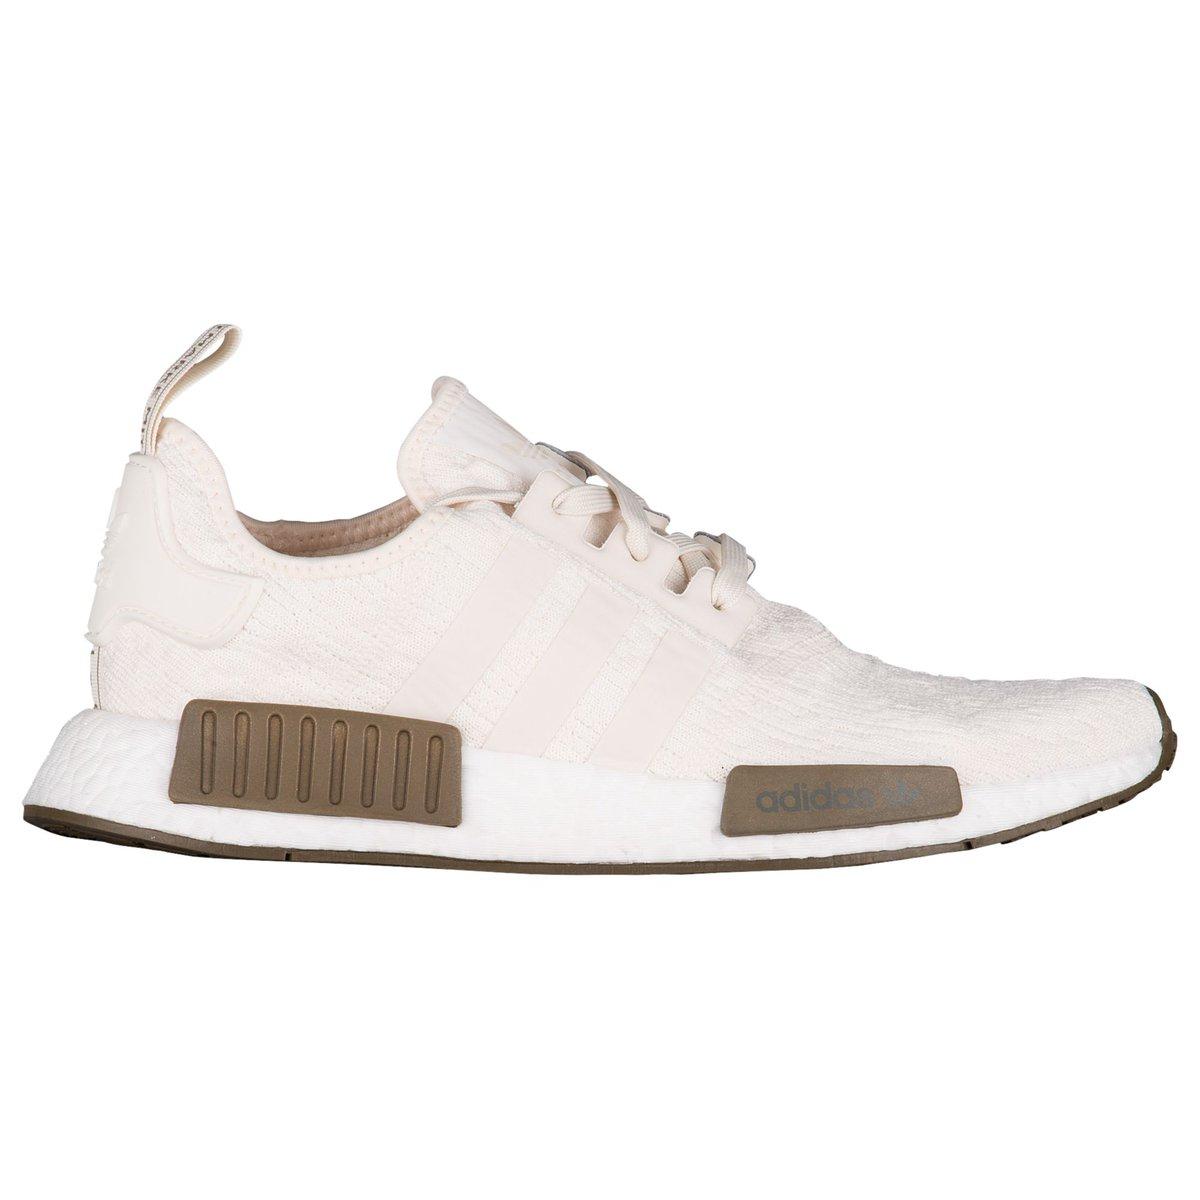 36bba5db60b6 Sneaker Shouts™ on Twitter